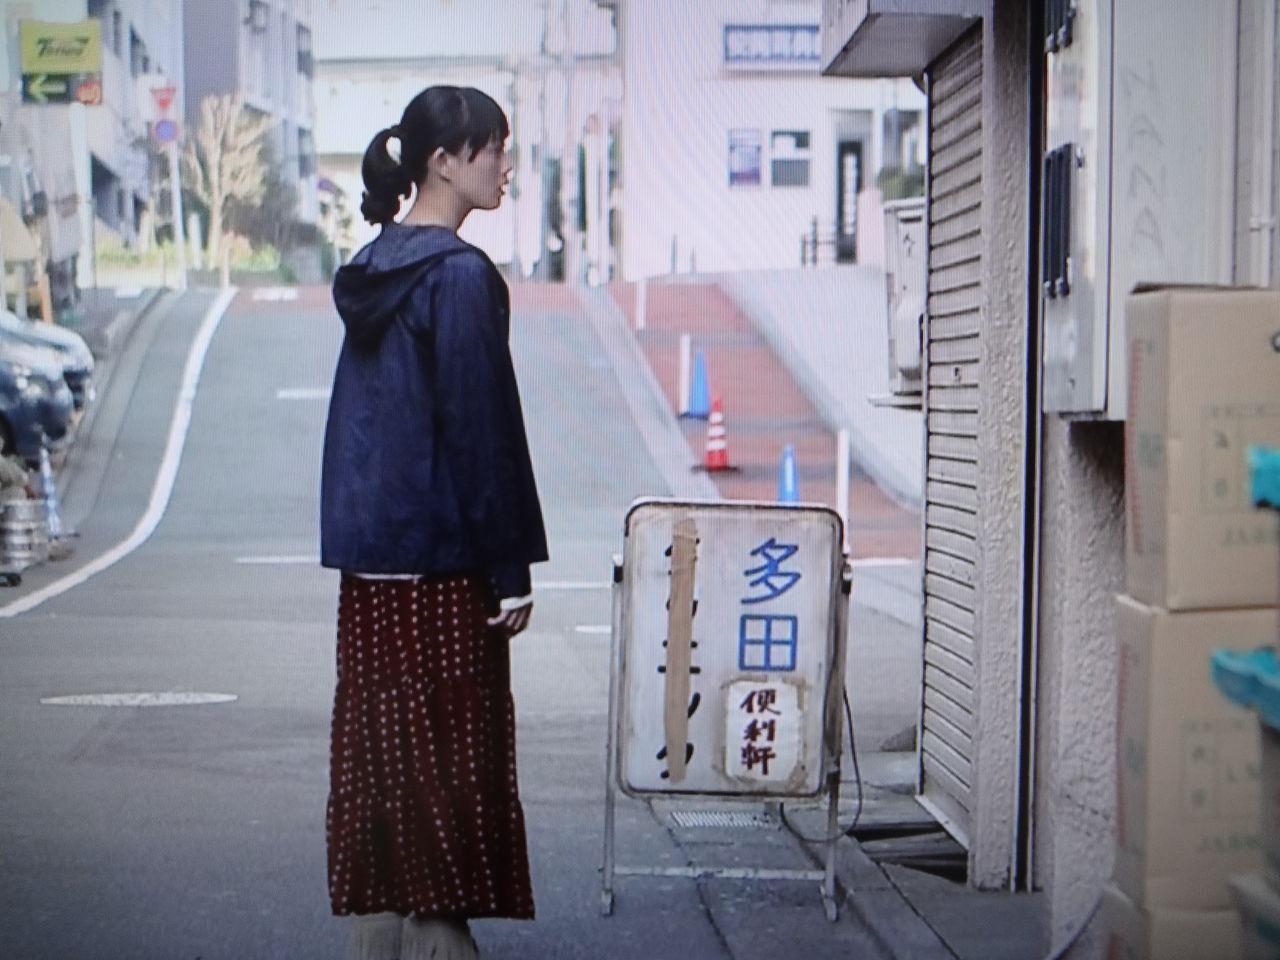 便利 軒 まほろ 駅前 多田